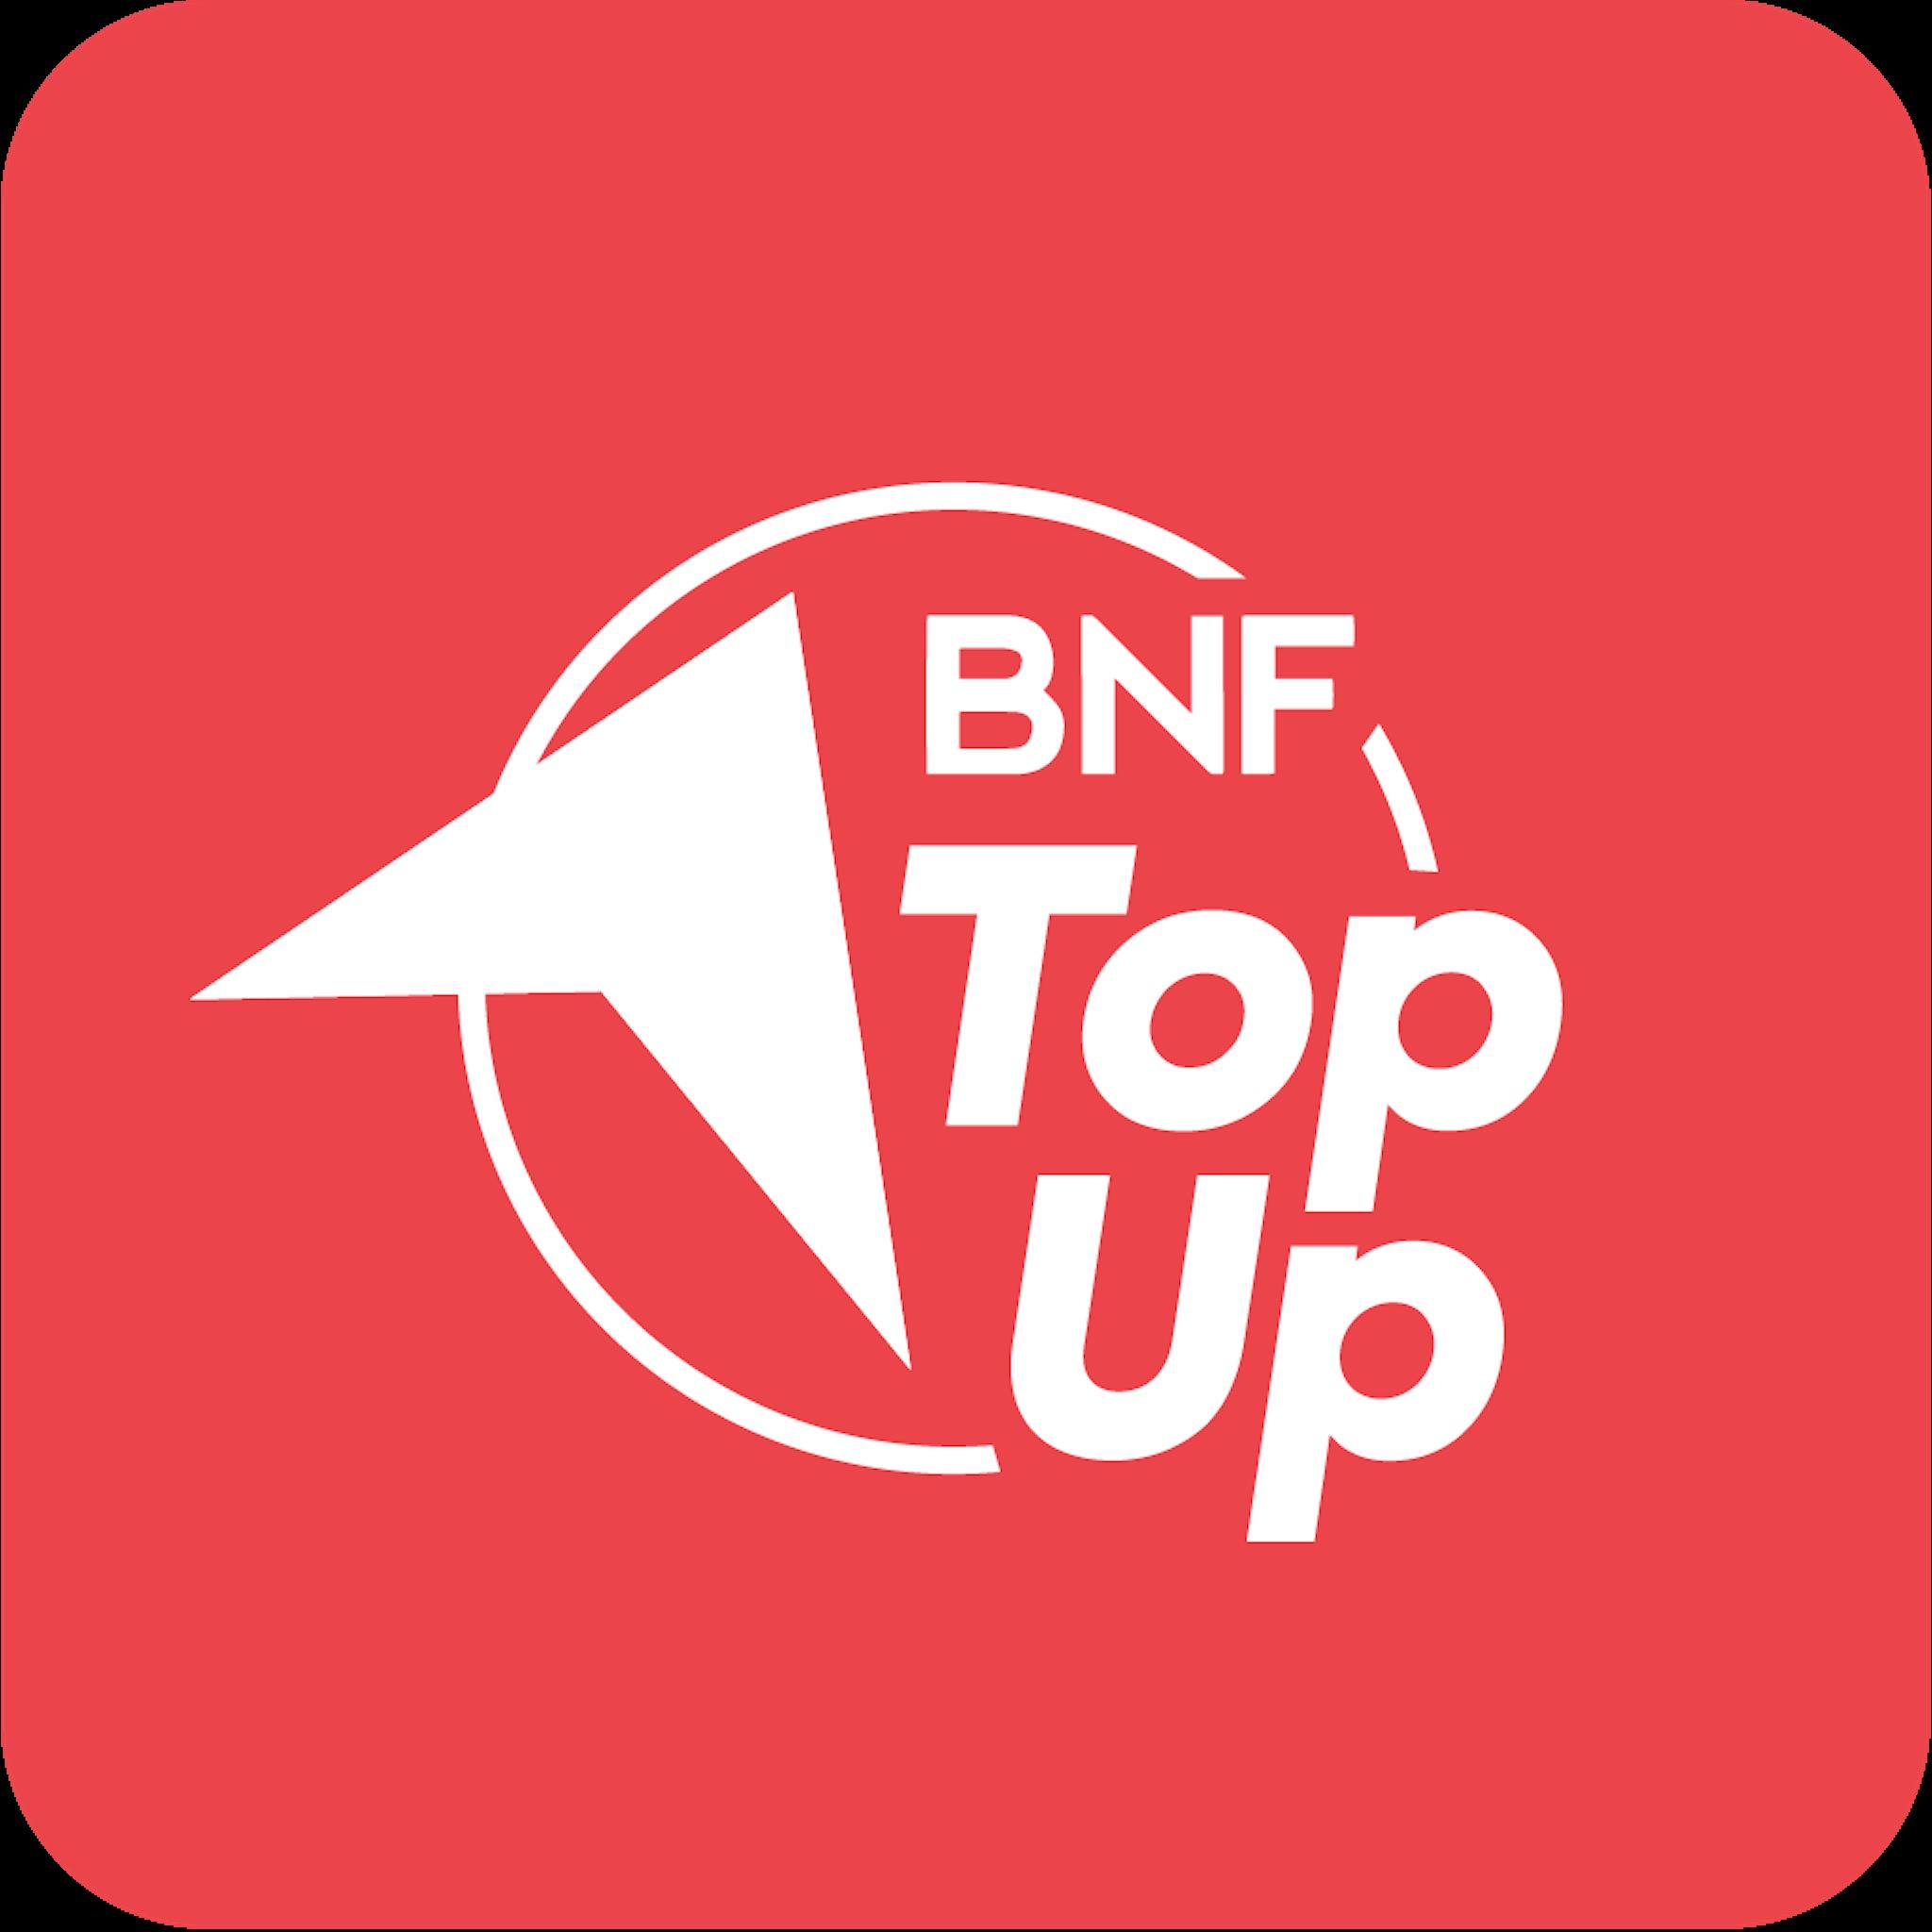 BNF TopUp